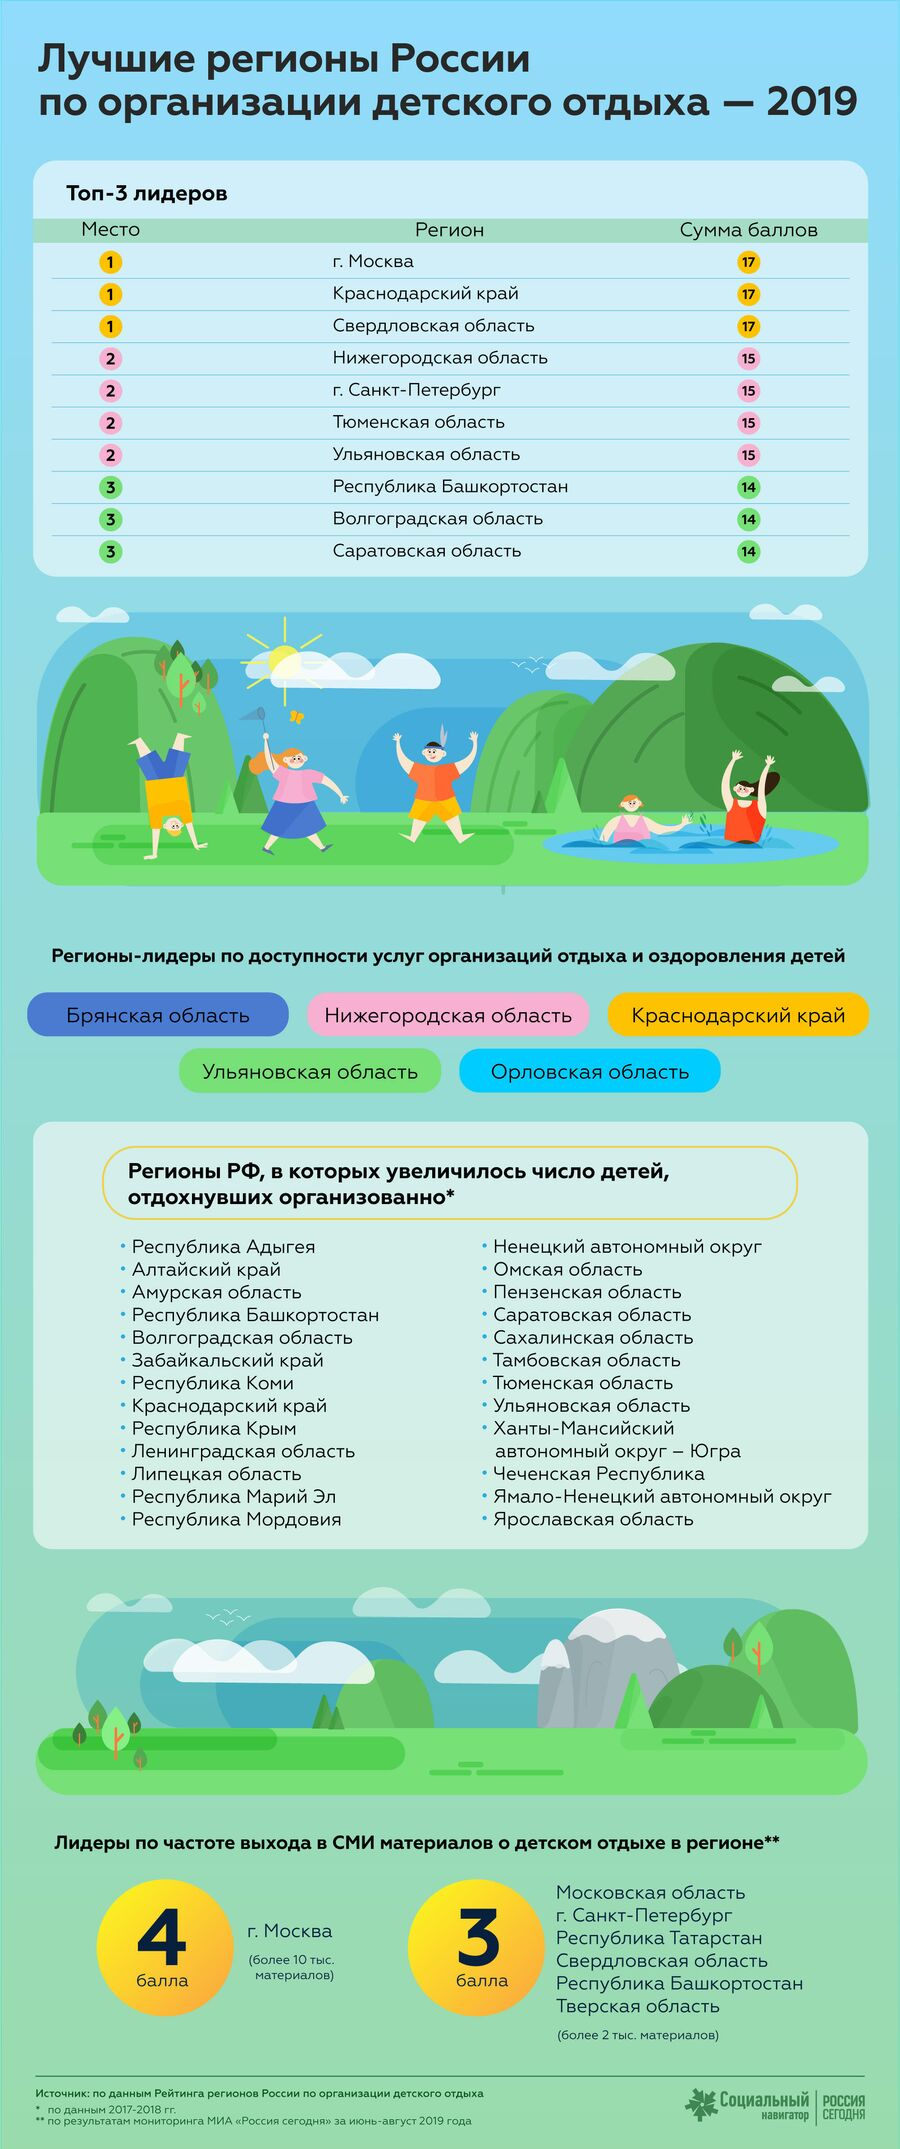 Лучшие регионы России по организации детского отдыха - 2019